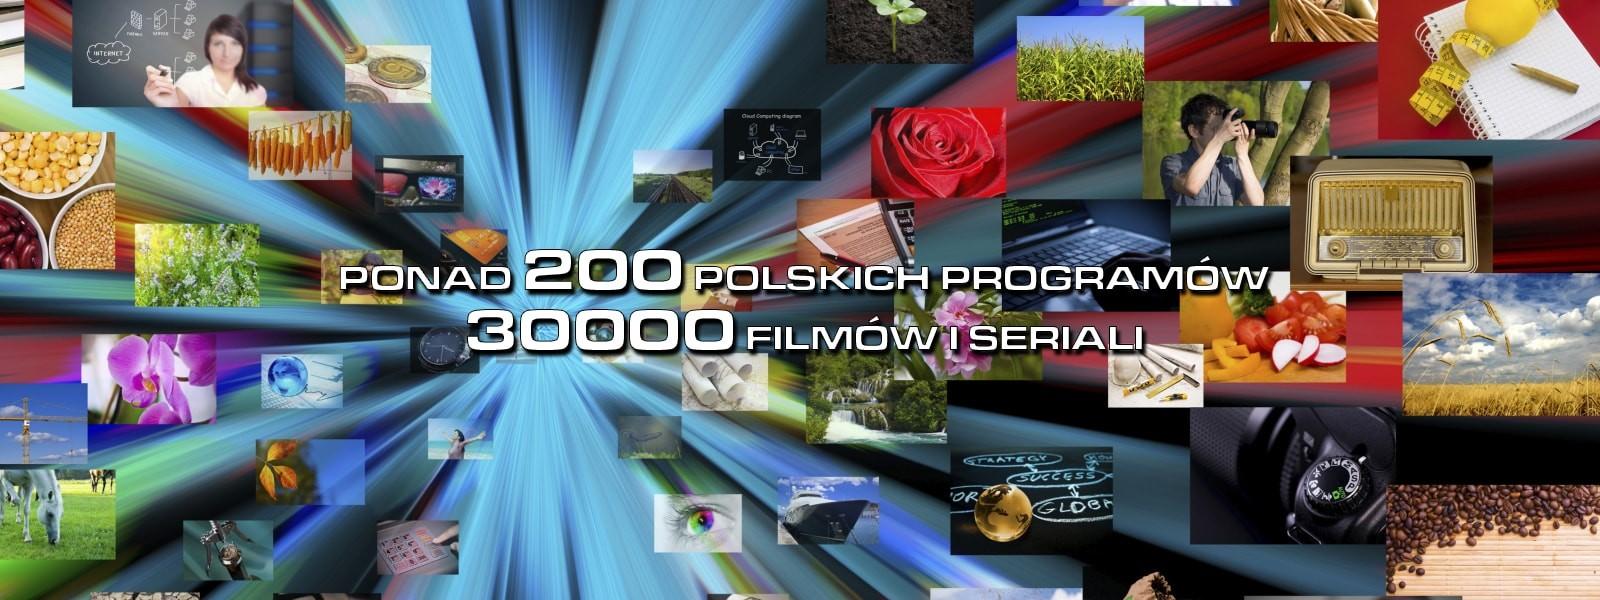 Obecnie 700 filmów VOD